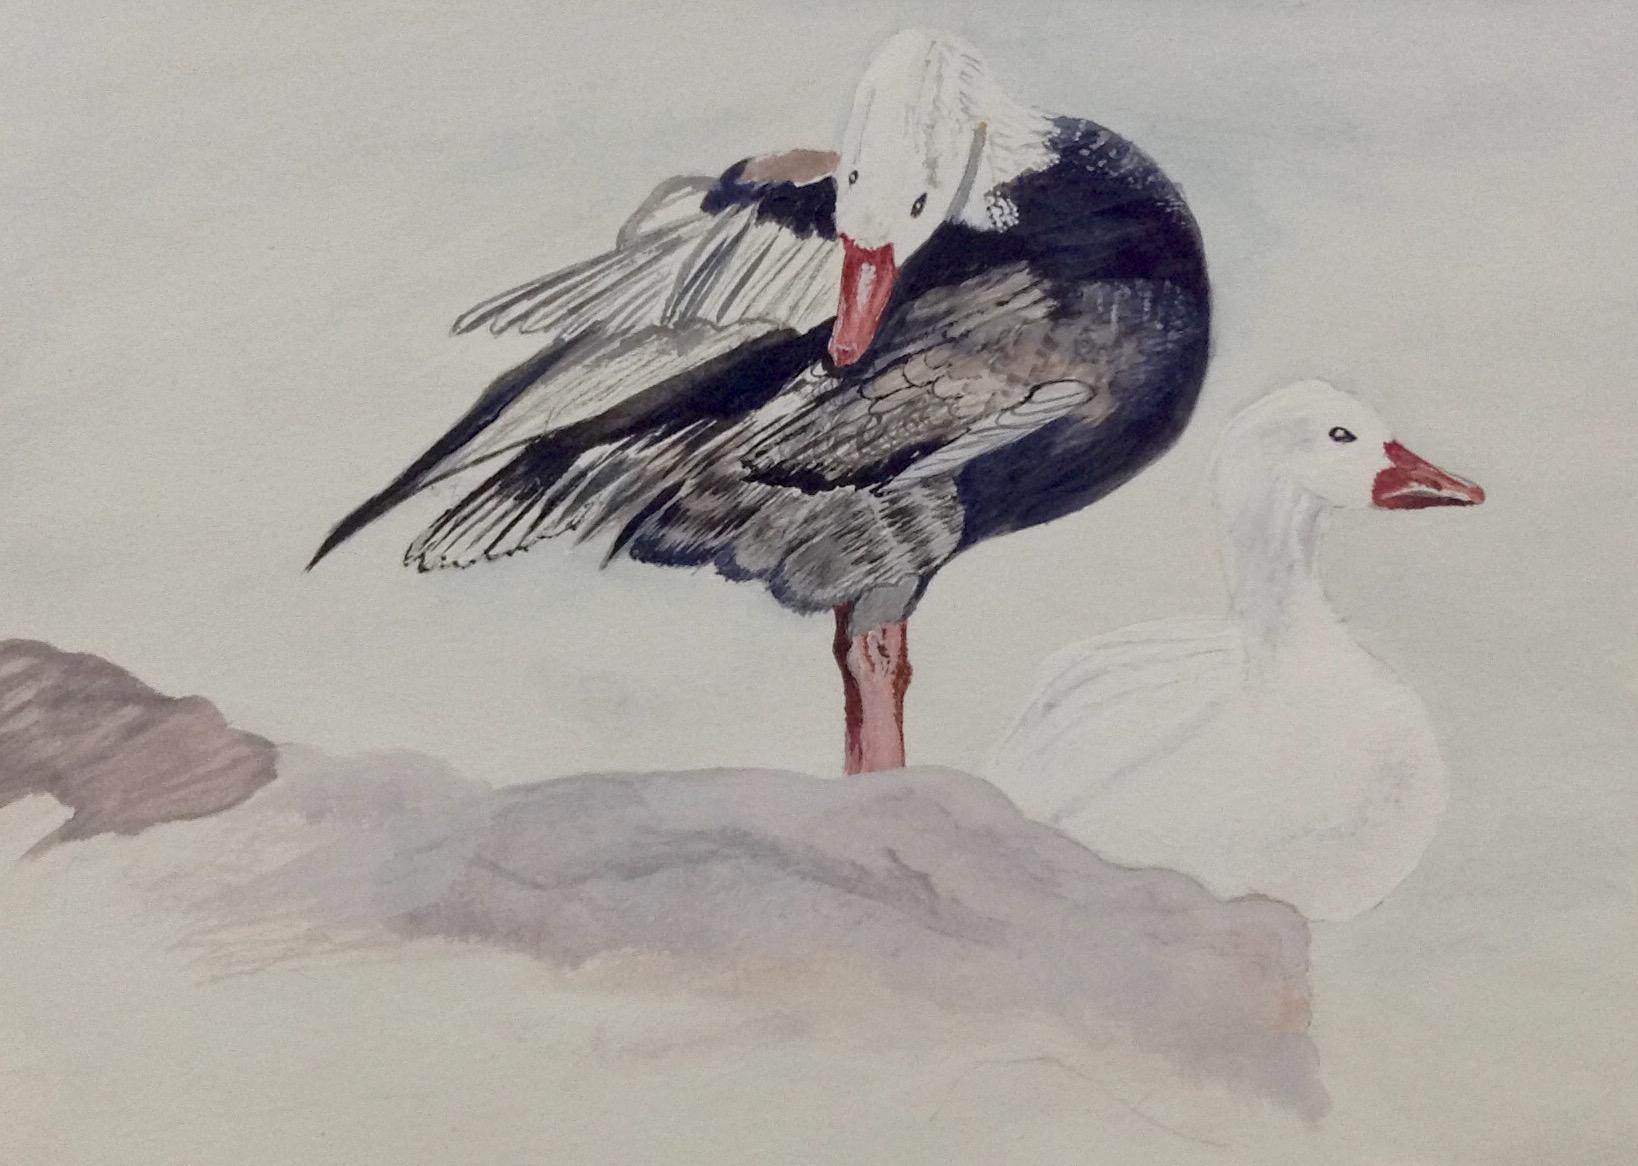 Brenda's work in progress of a Sea bird.